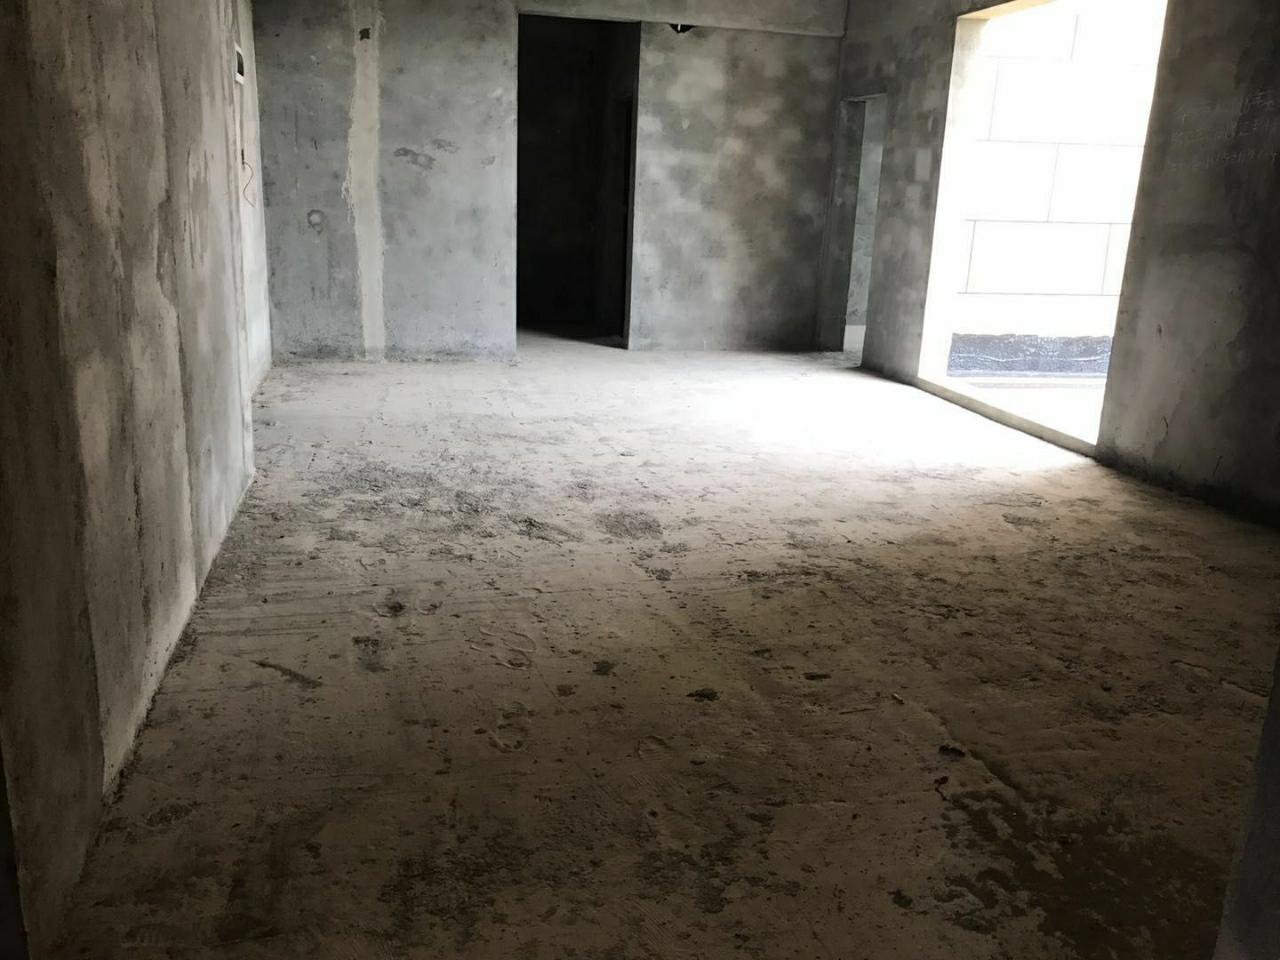 宏博·梓江锦城4室 2厅 2卫56万元